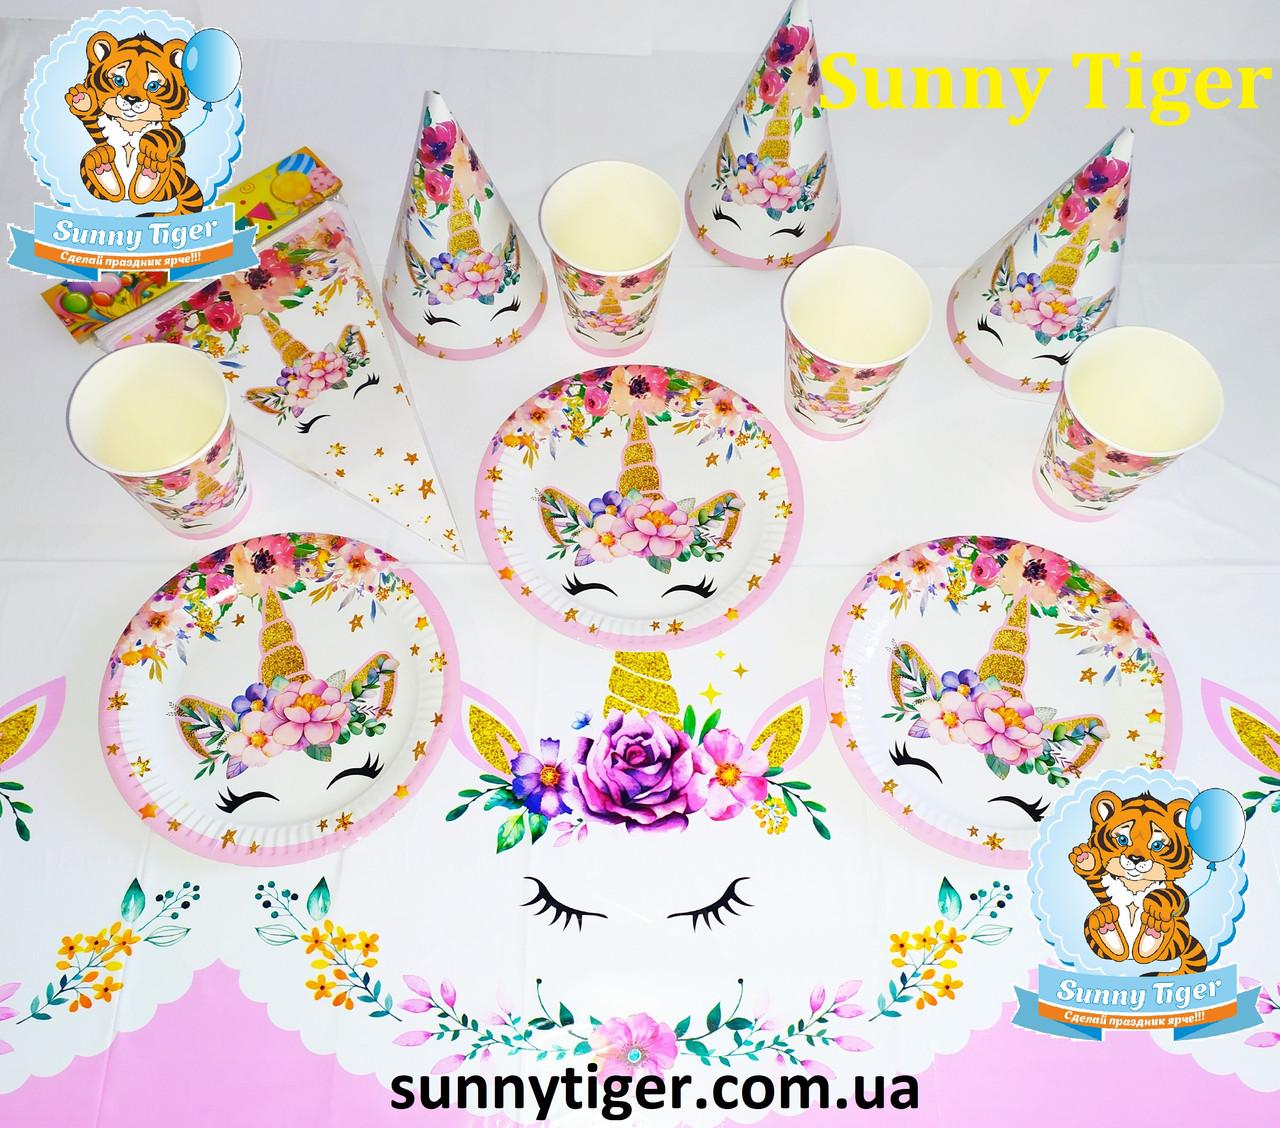 """Набор для Дня рождения """"Единорог цветочный"""": тарелки, стаканы, колпачки, скатерть, гирлянда"""